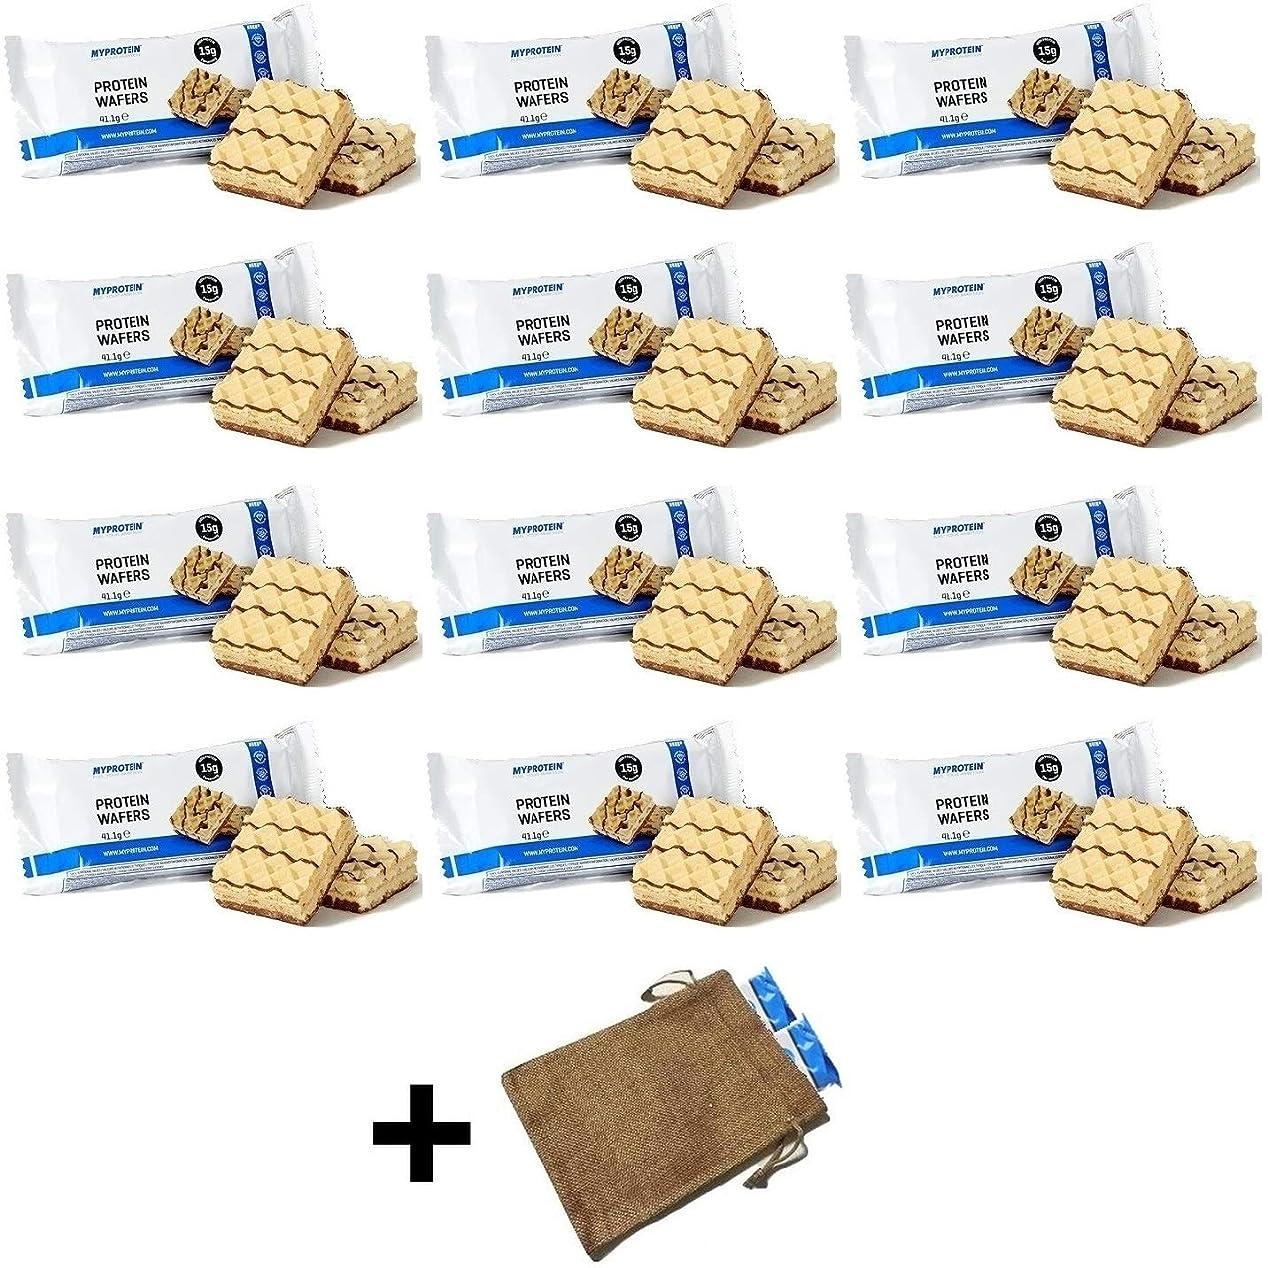 すすり泣きサラダブルゴーニュマイプロテイン プロテイン ウエハース クッキー&クリーム味 12袋(MYPROTEIN PROTEIN WAFERS Cookie & Cream Flavor 12 Pack)